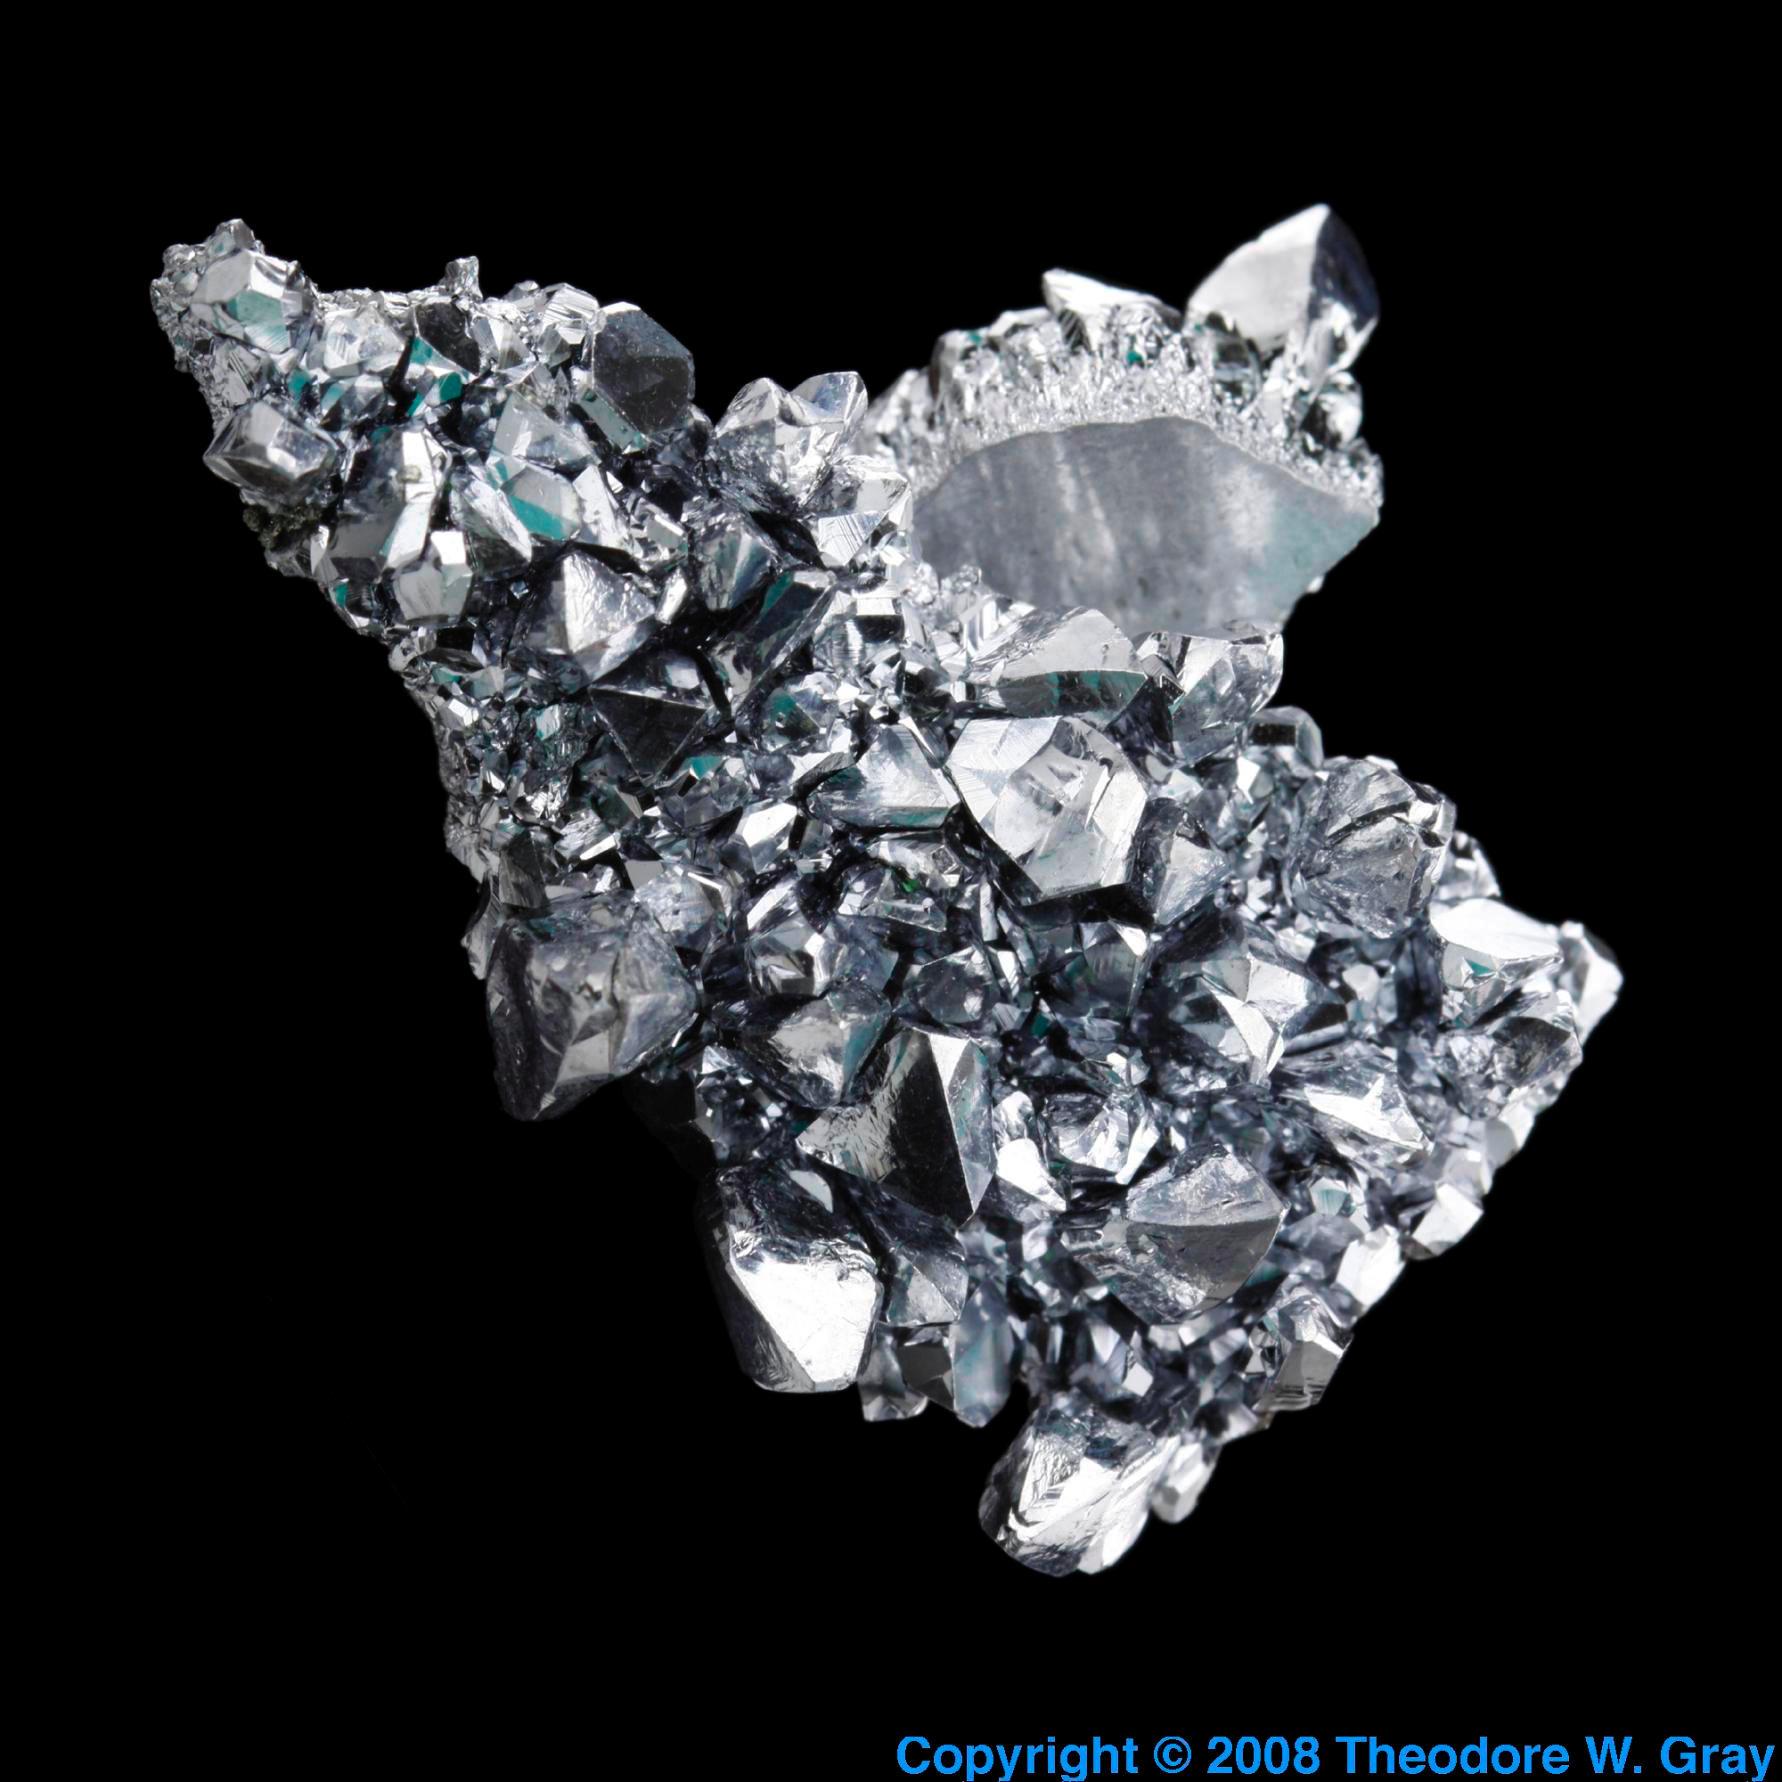 нас картинка металл хром это совсем